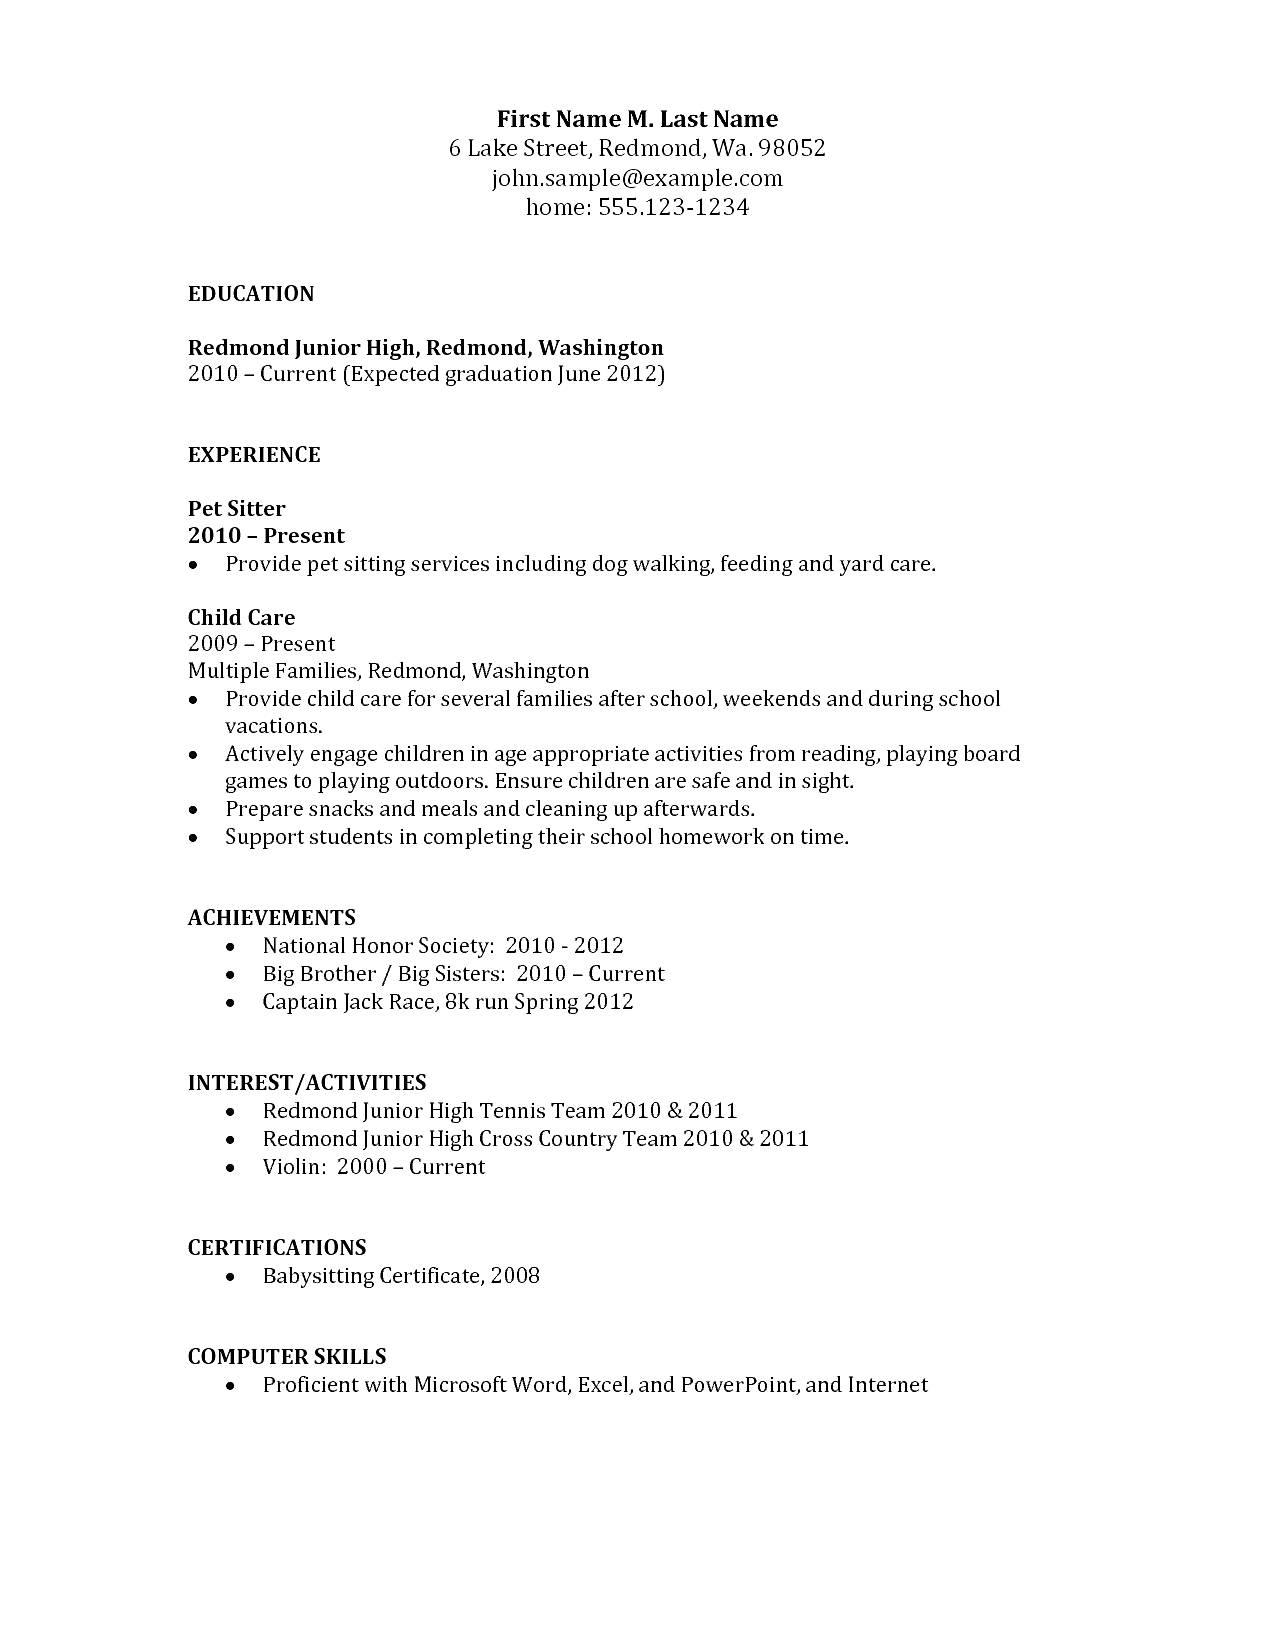 dog walker job description for resume